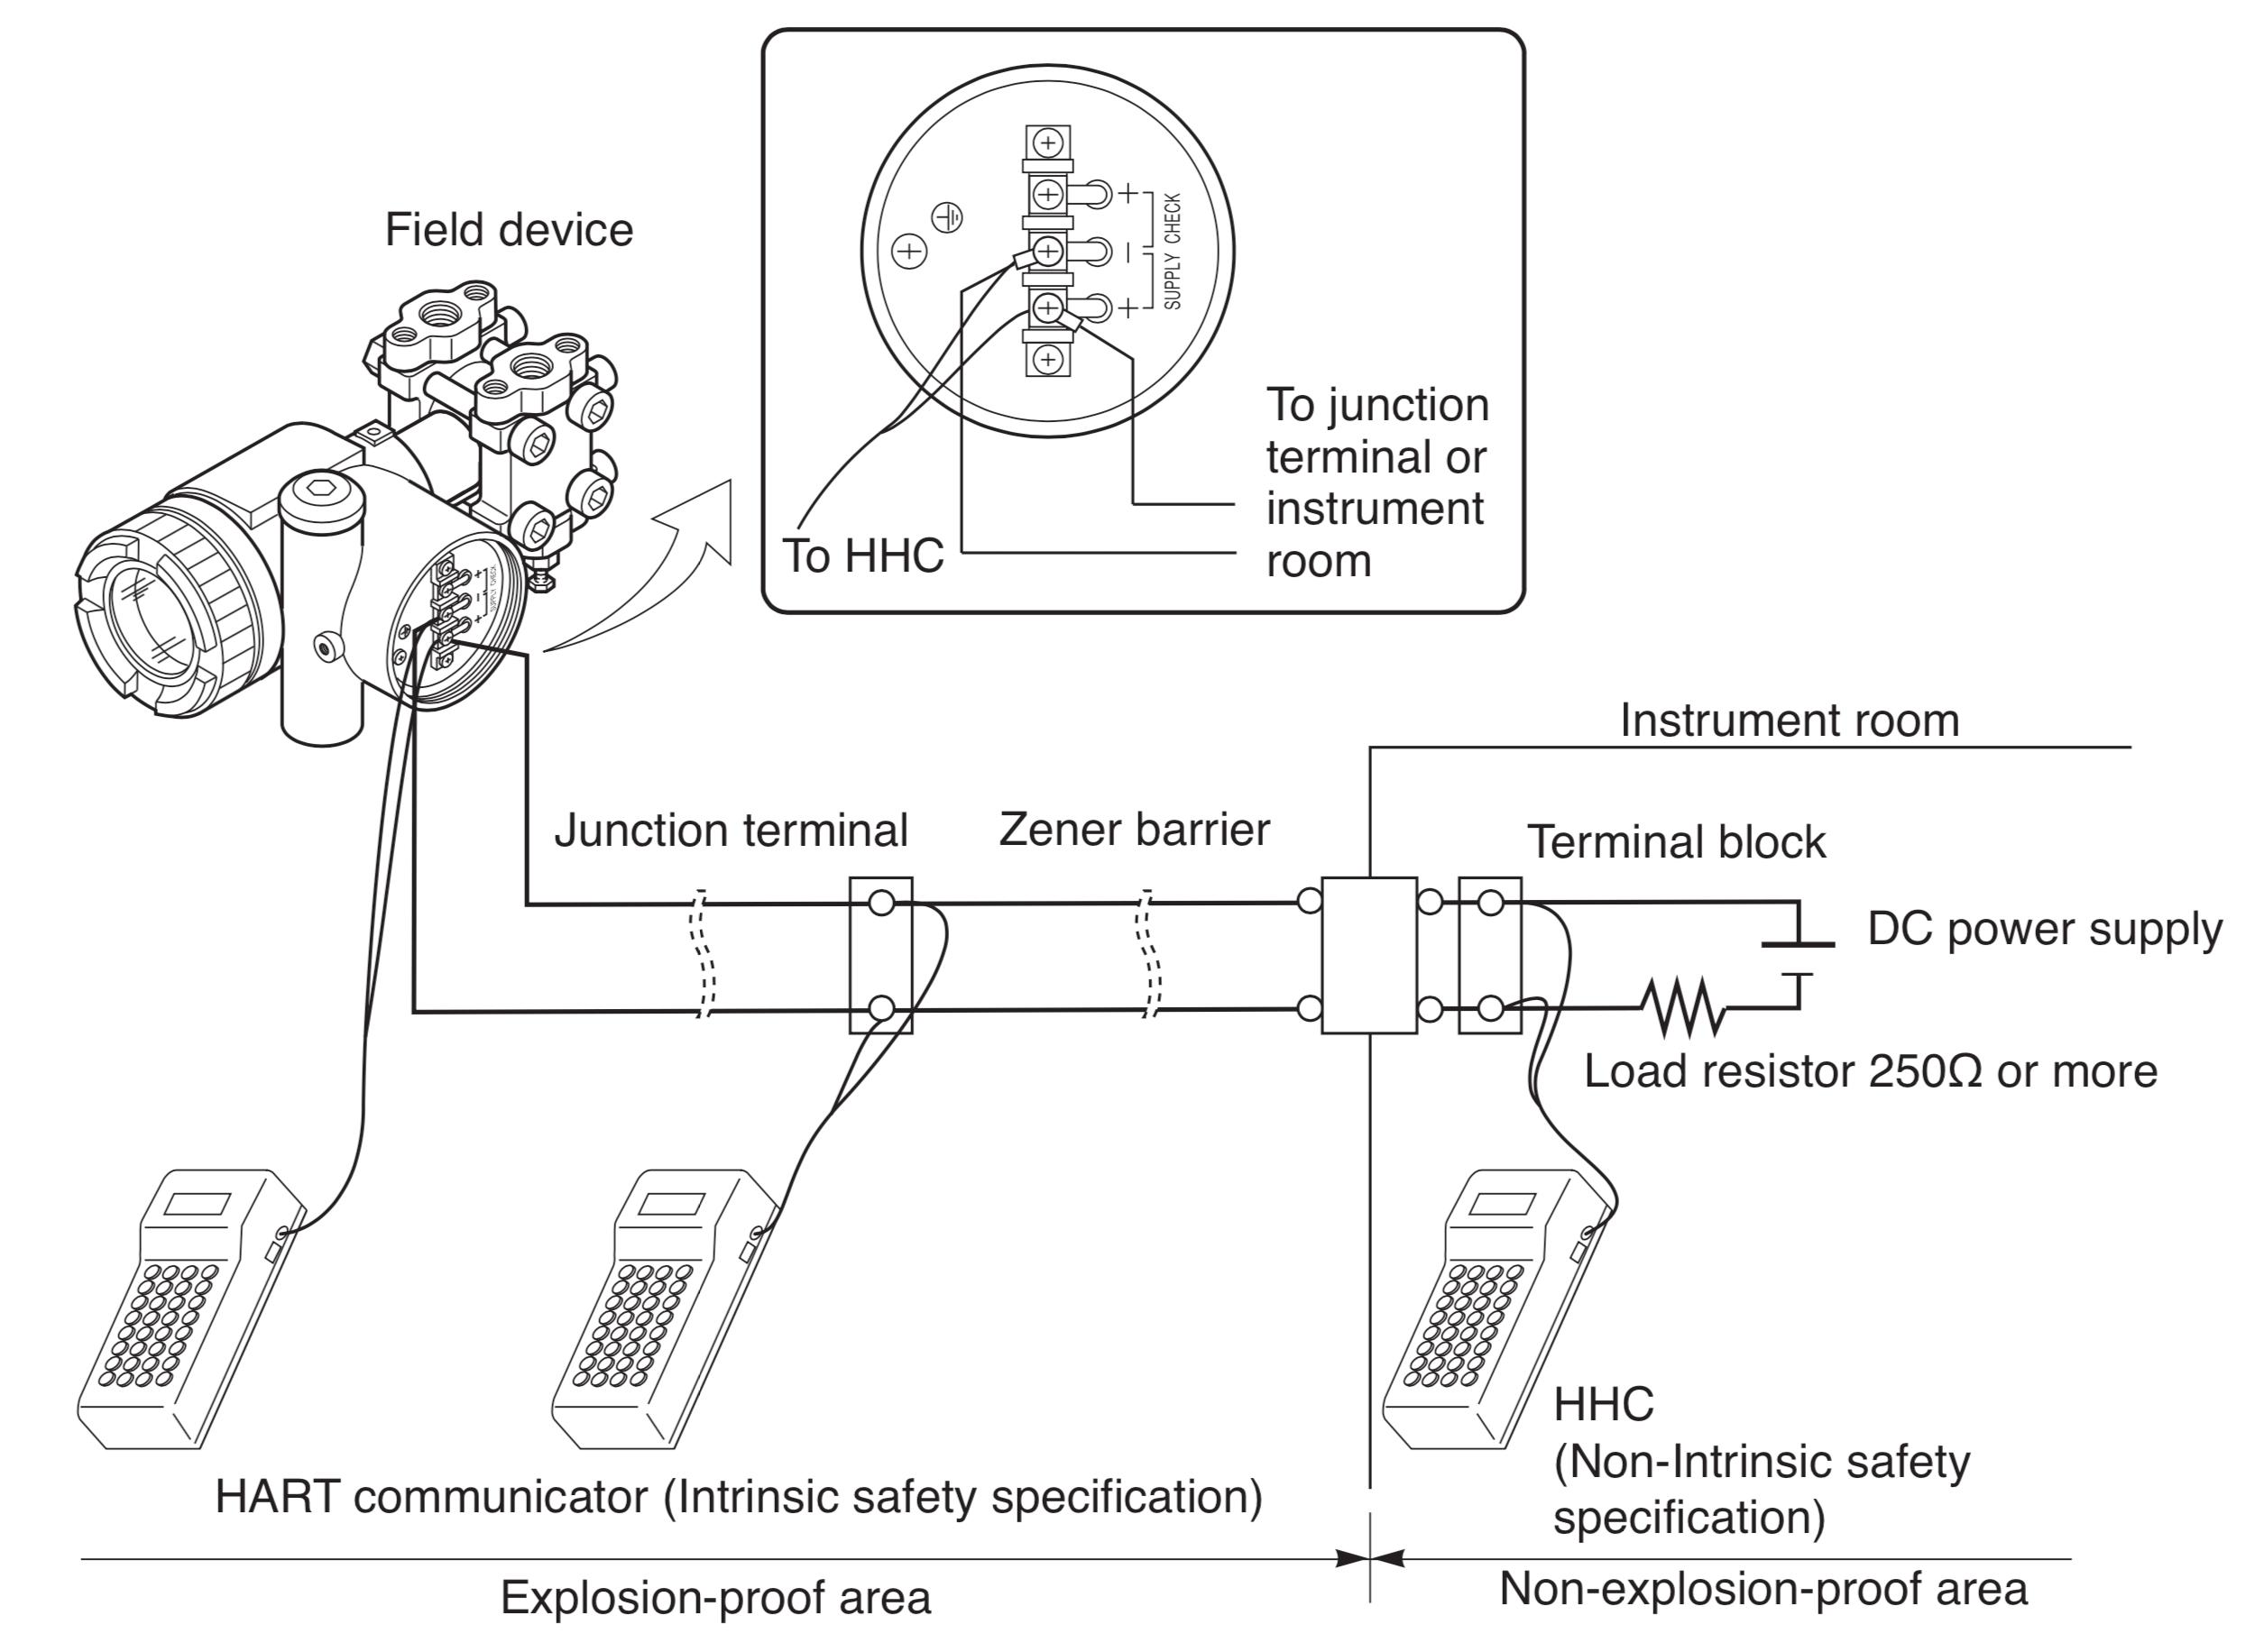 cách cài đặt cảm biến áp suất 4-20mA HART